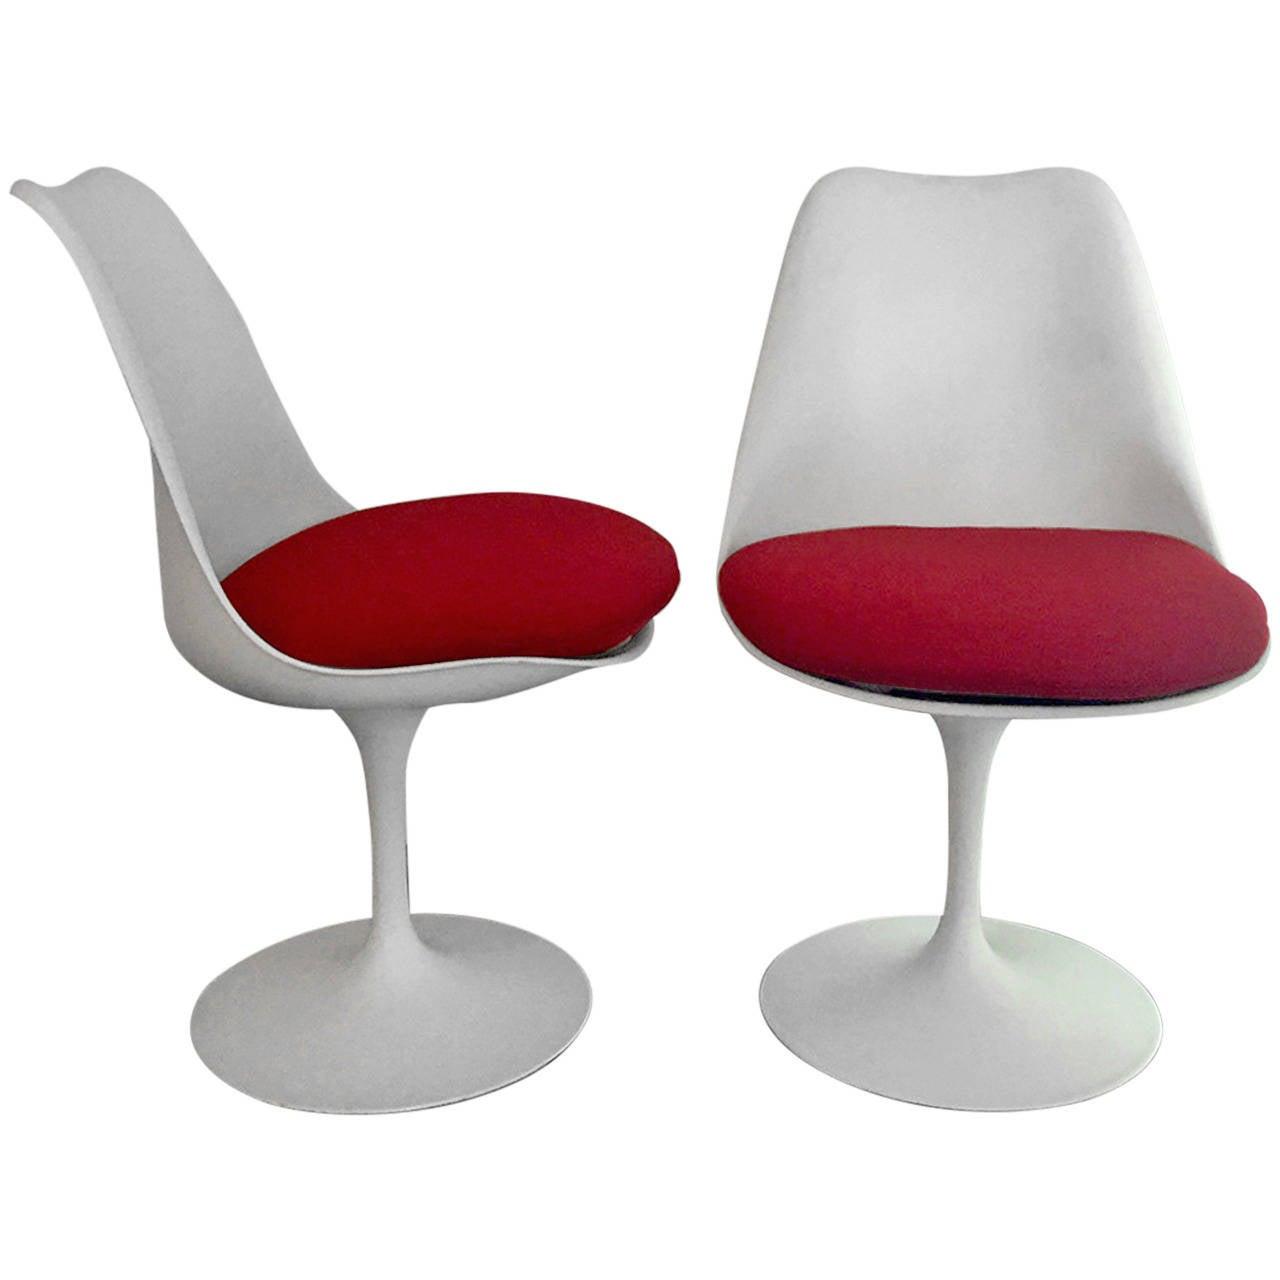 Pair Of Vintage Tulip Chair By Eero Saarinen At 1stdibs